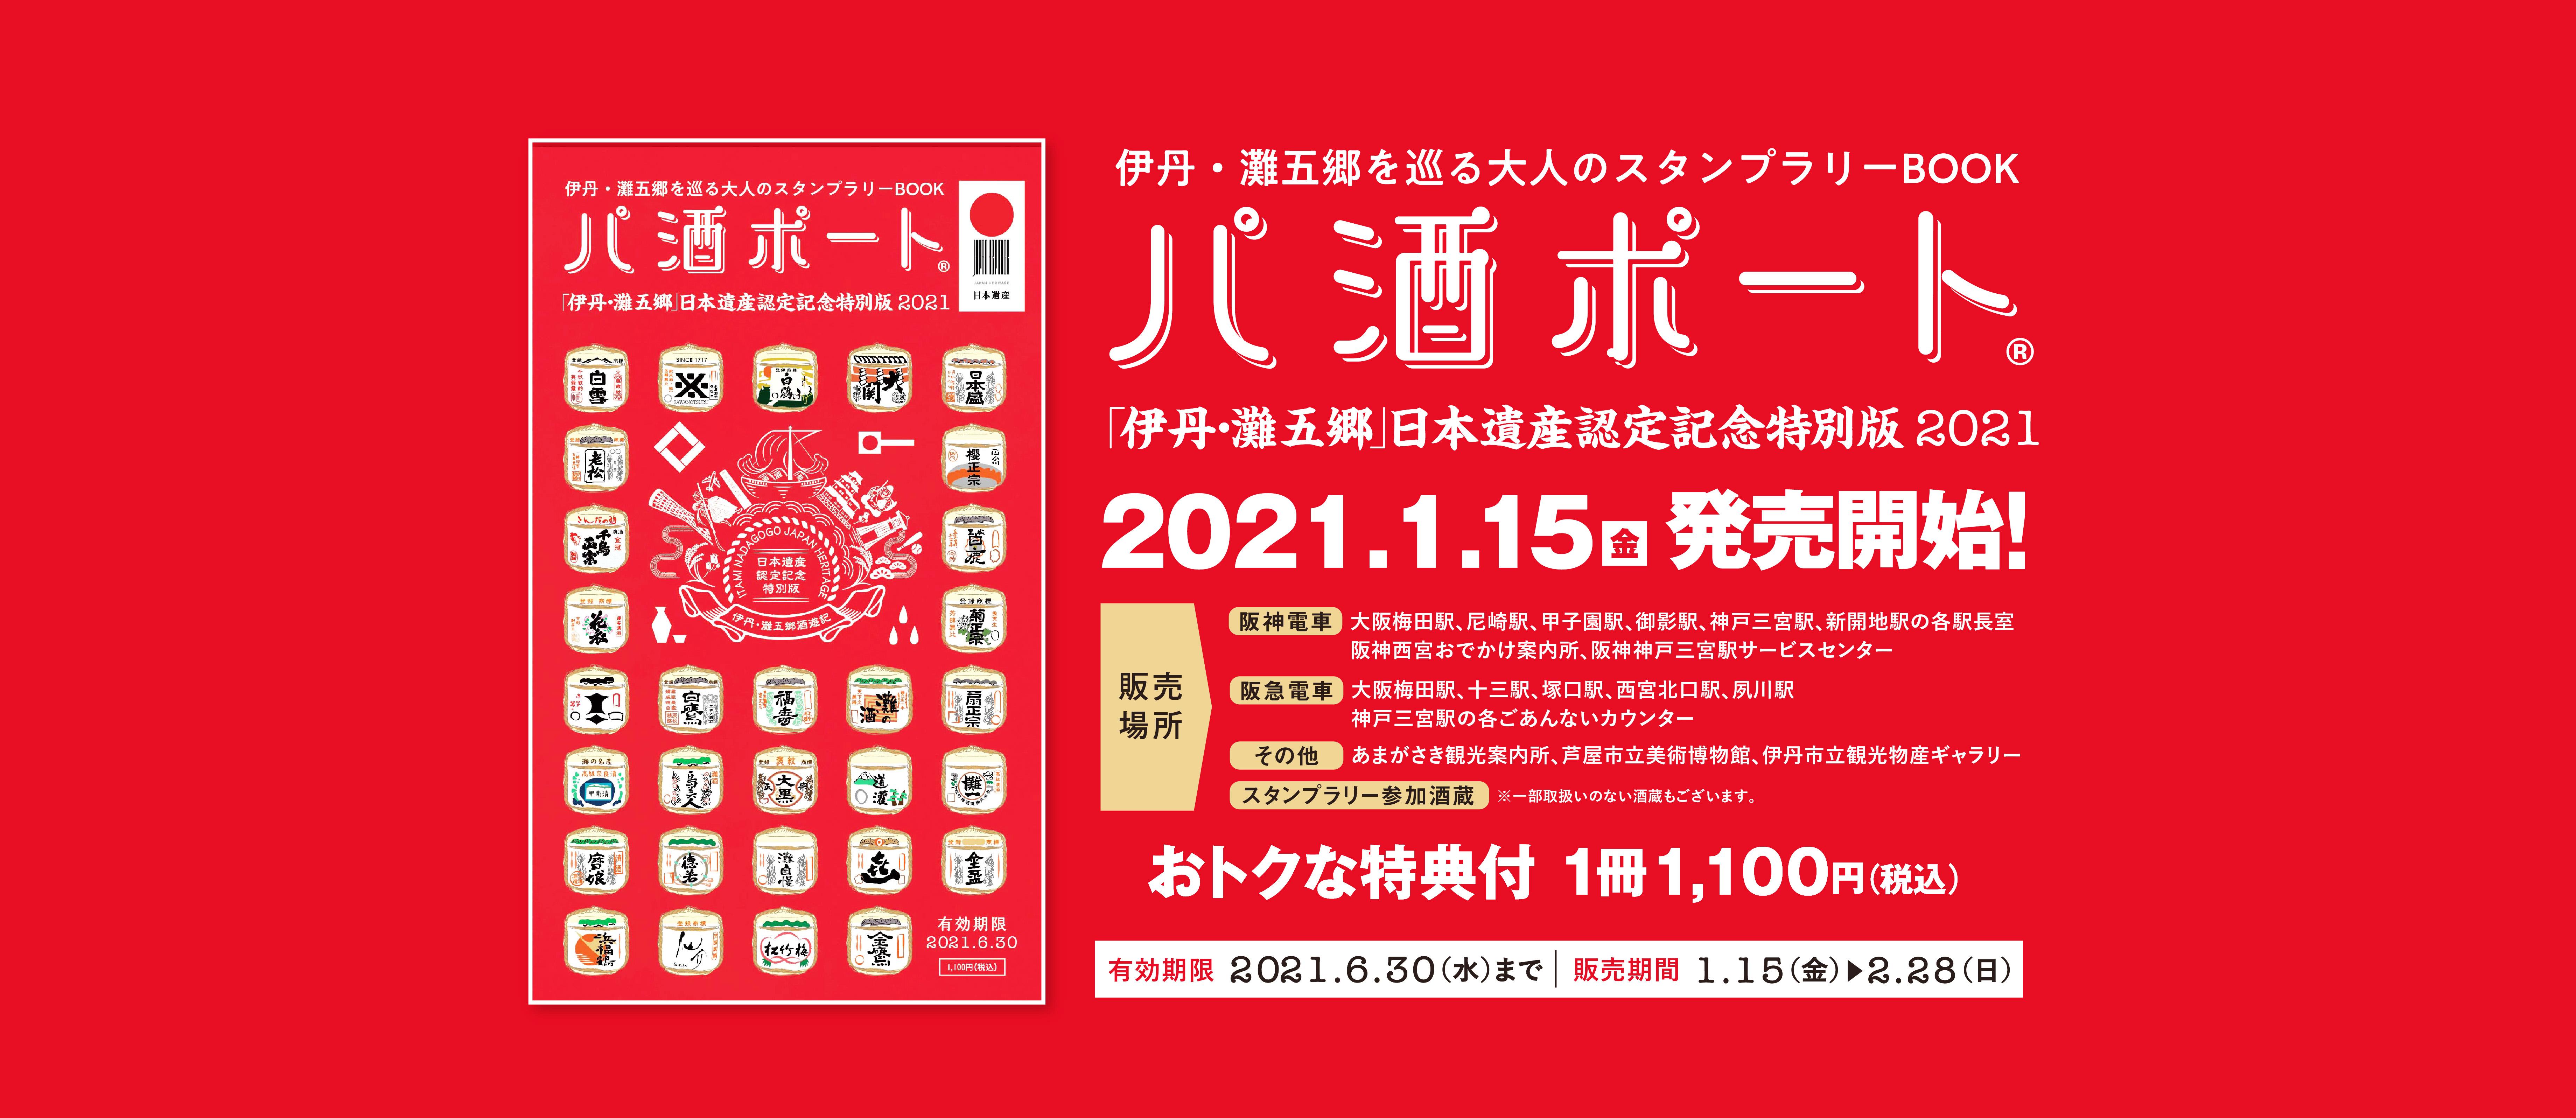 パ酒ポート「伊丹・灘五郷」日本遺産認定記念特別版